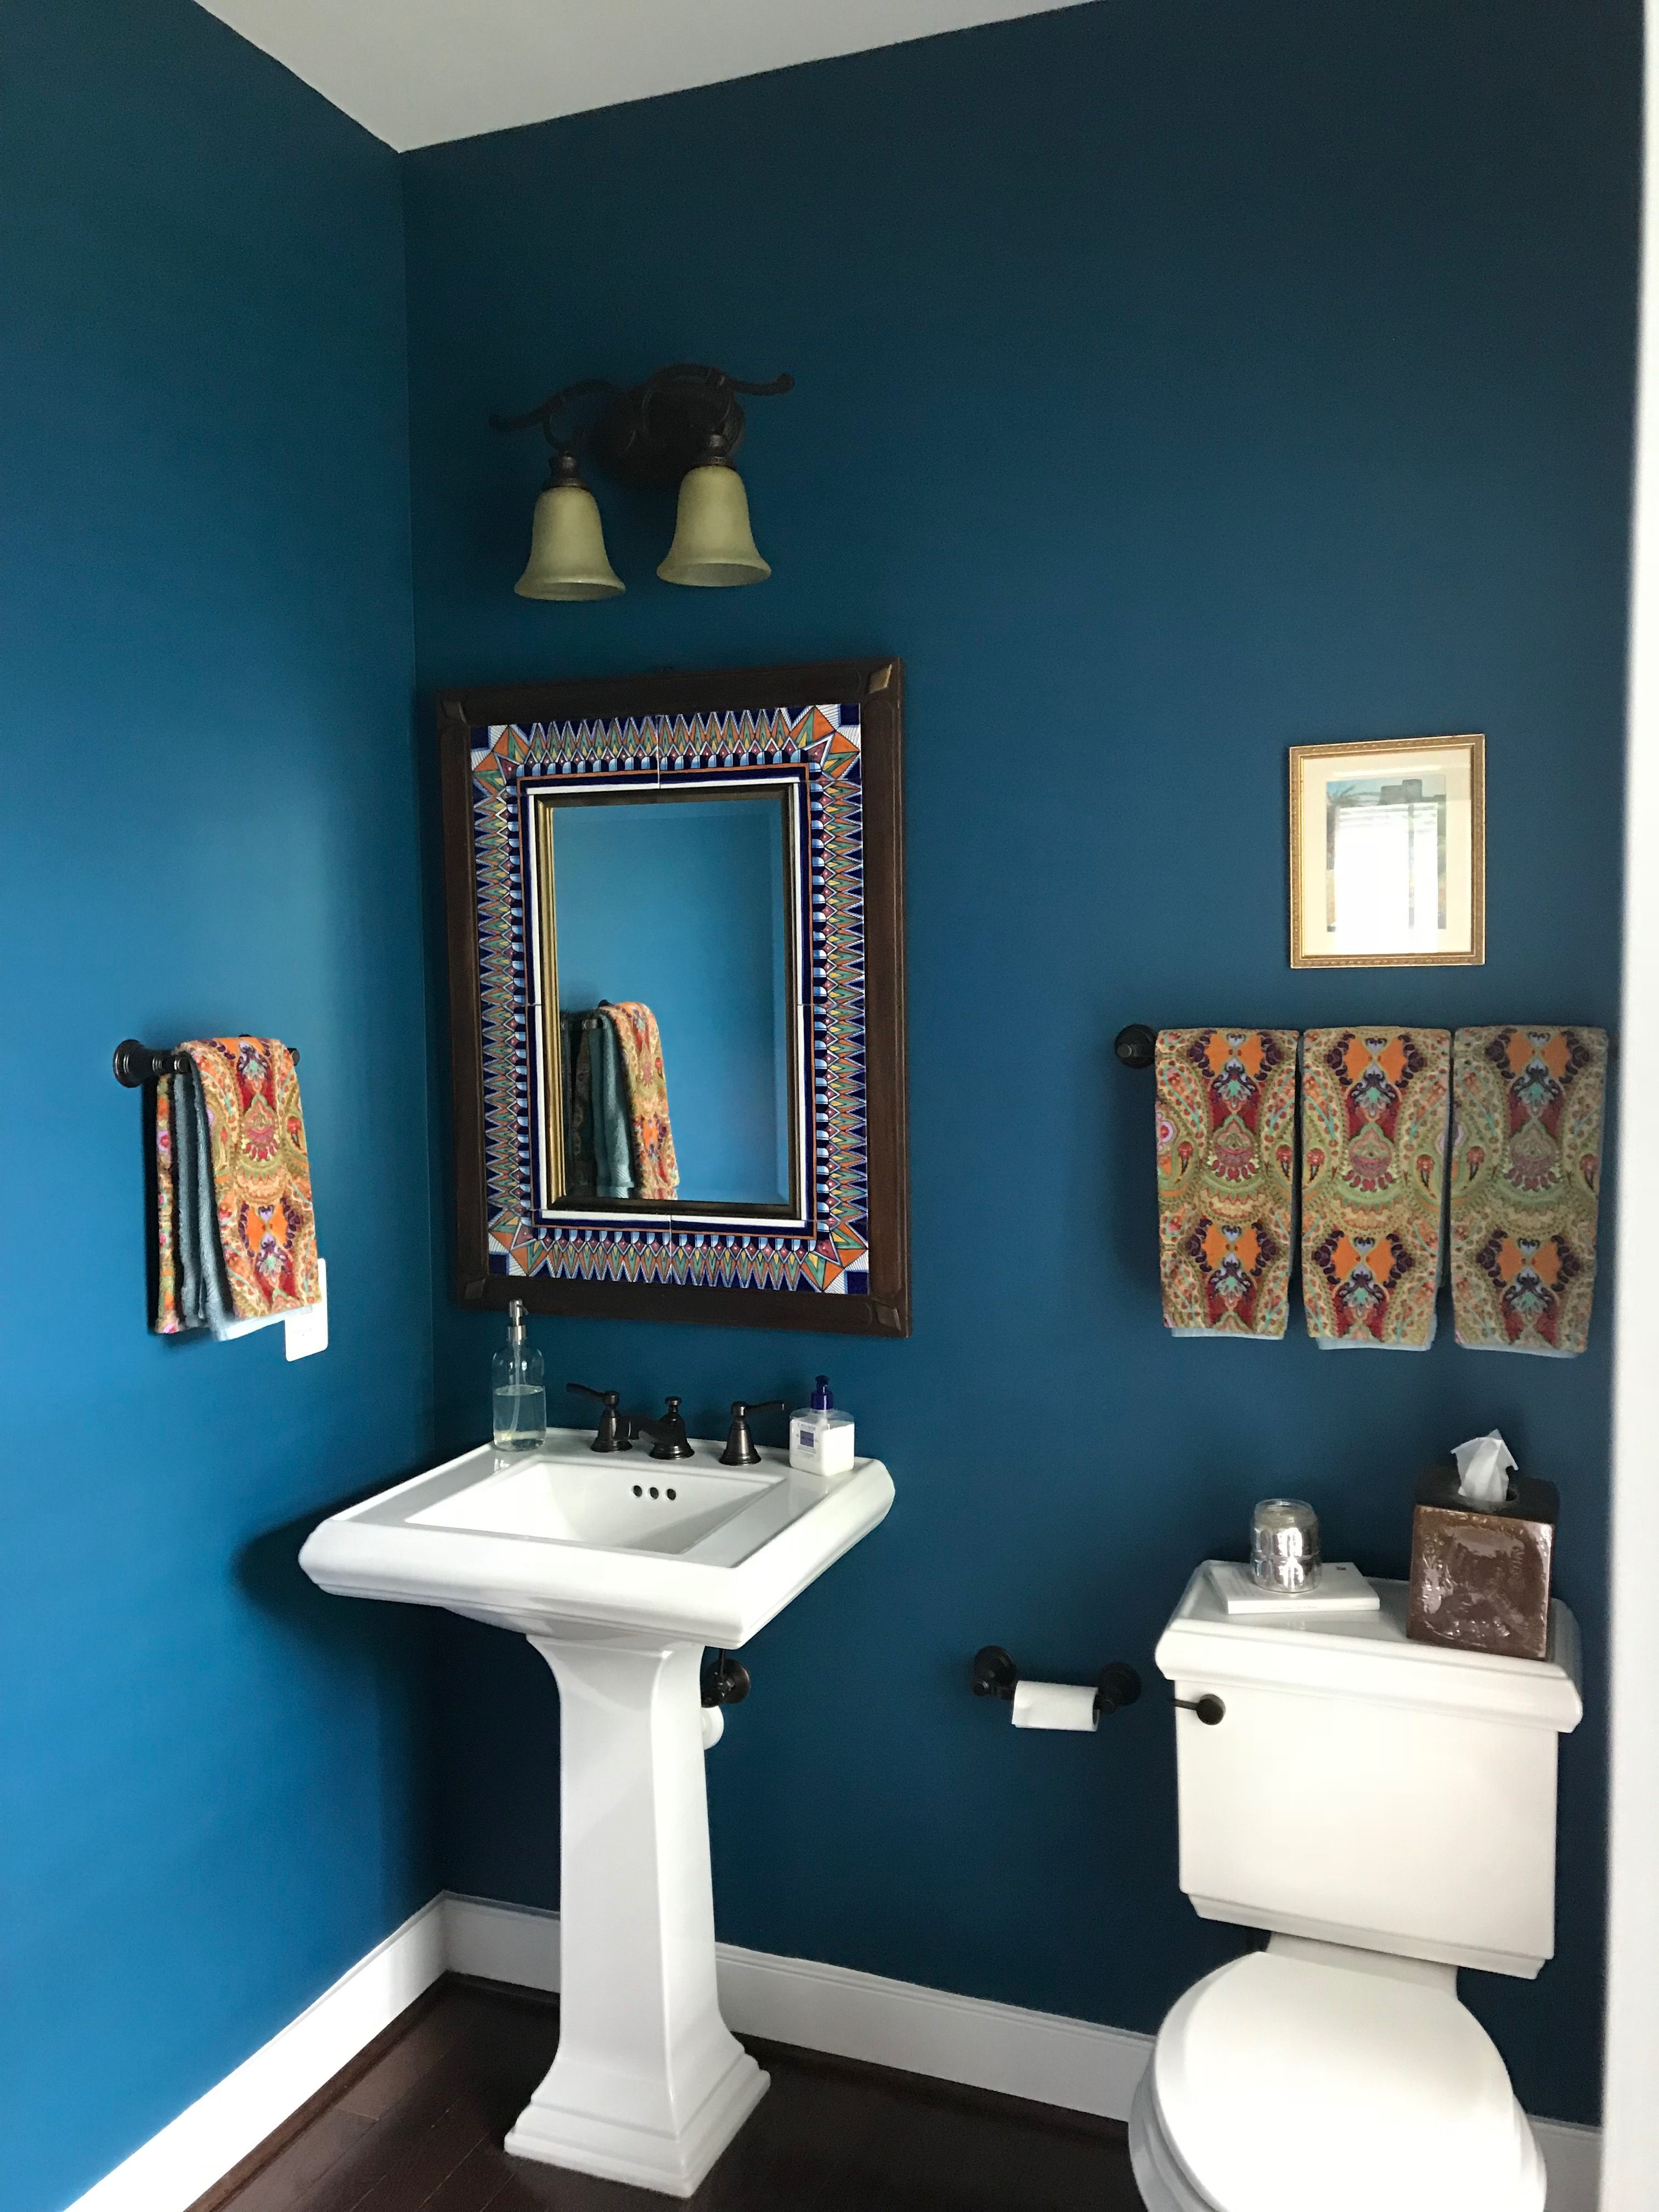 Powder Room Benjamin Moore Slate Teal Bathroom Colors Bathroom Paint Colors Painting Bathroom